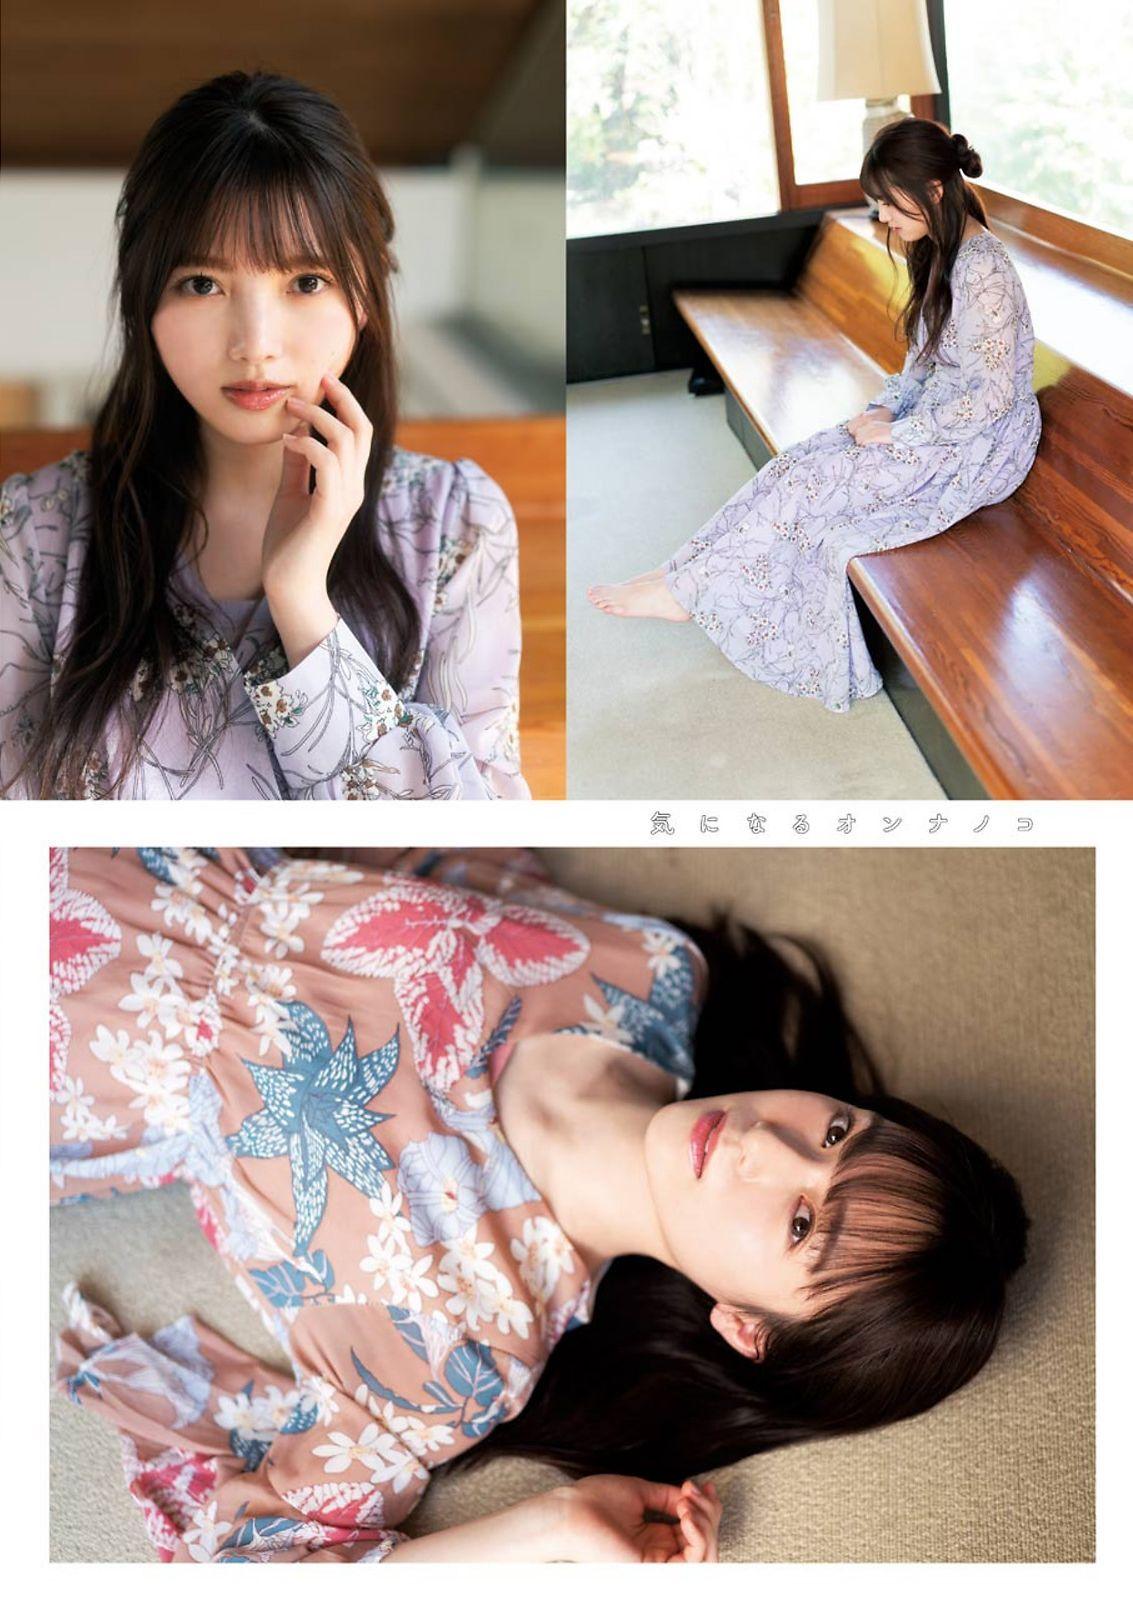 樱坂46 Young Gngan 12_1